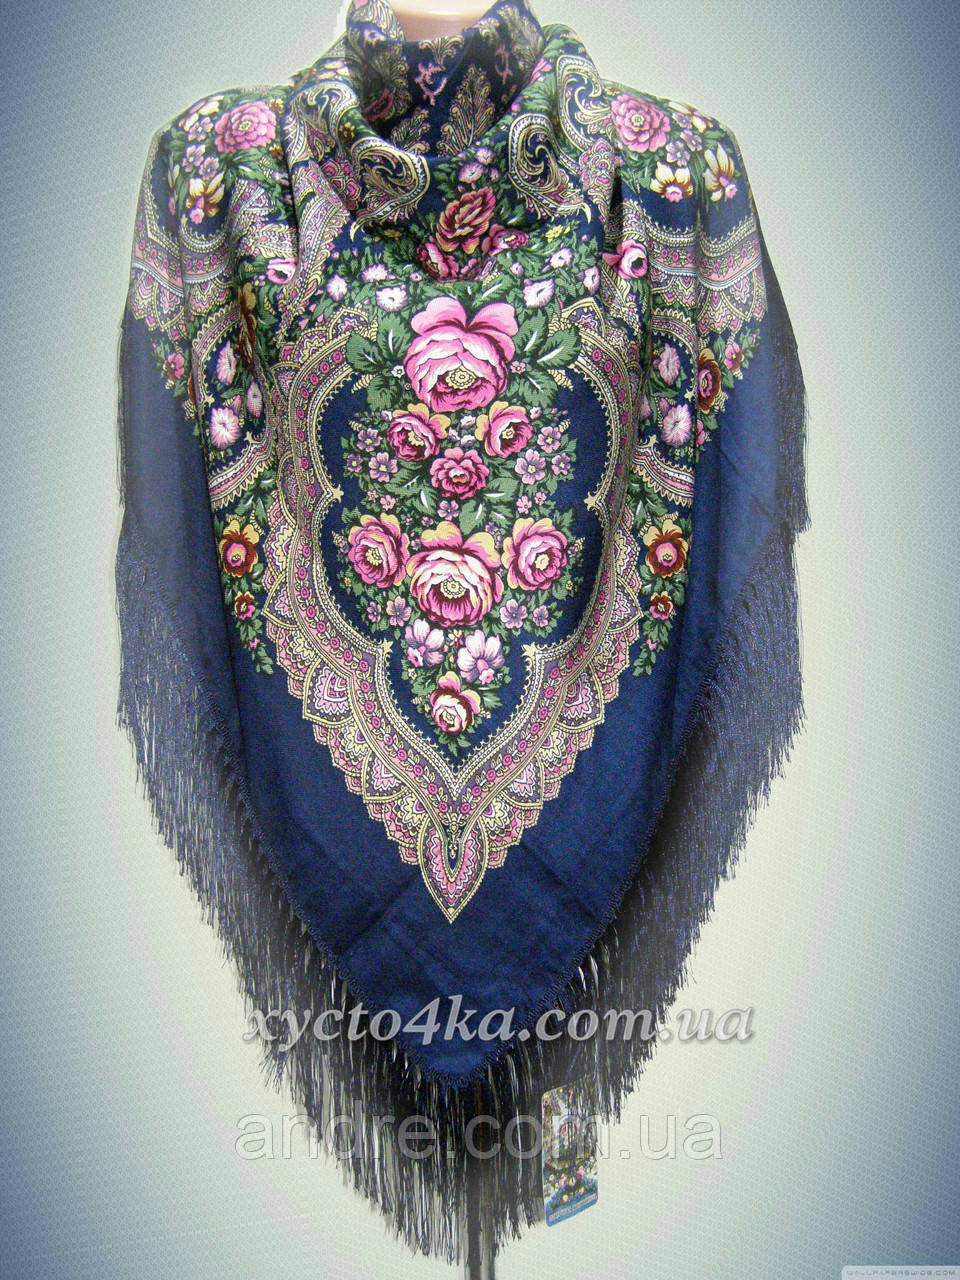 Шерстяной платок с пышной бахромой Дыхание лета, тёмно синий 120см